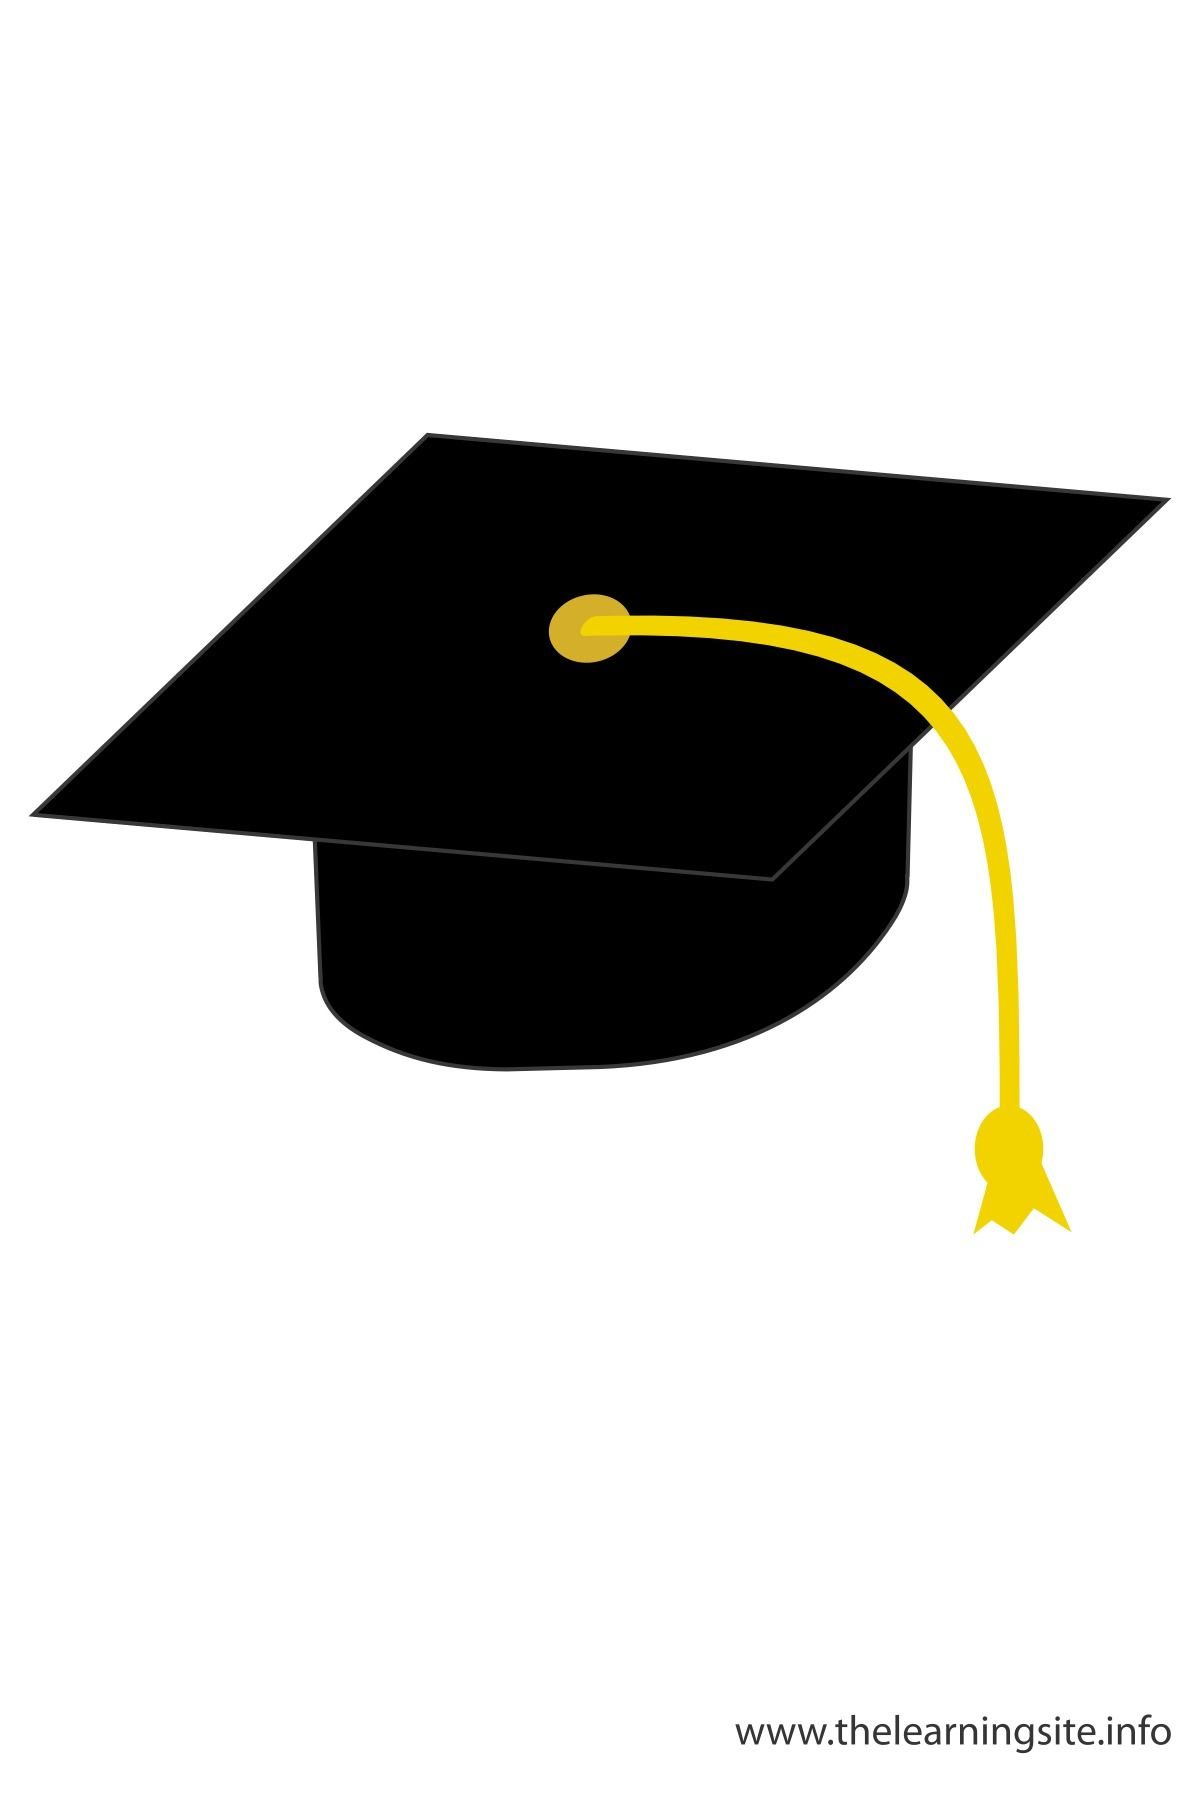 Graduation clipart graduation hat. Cap class of kid